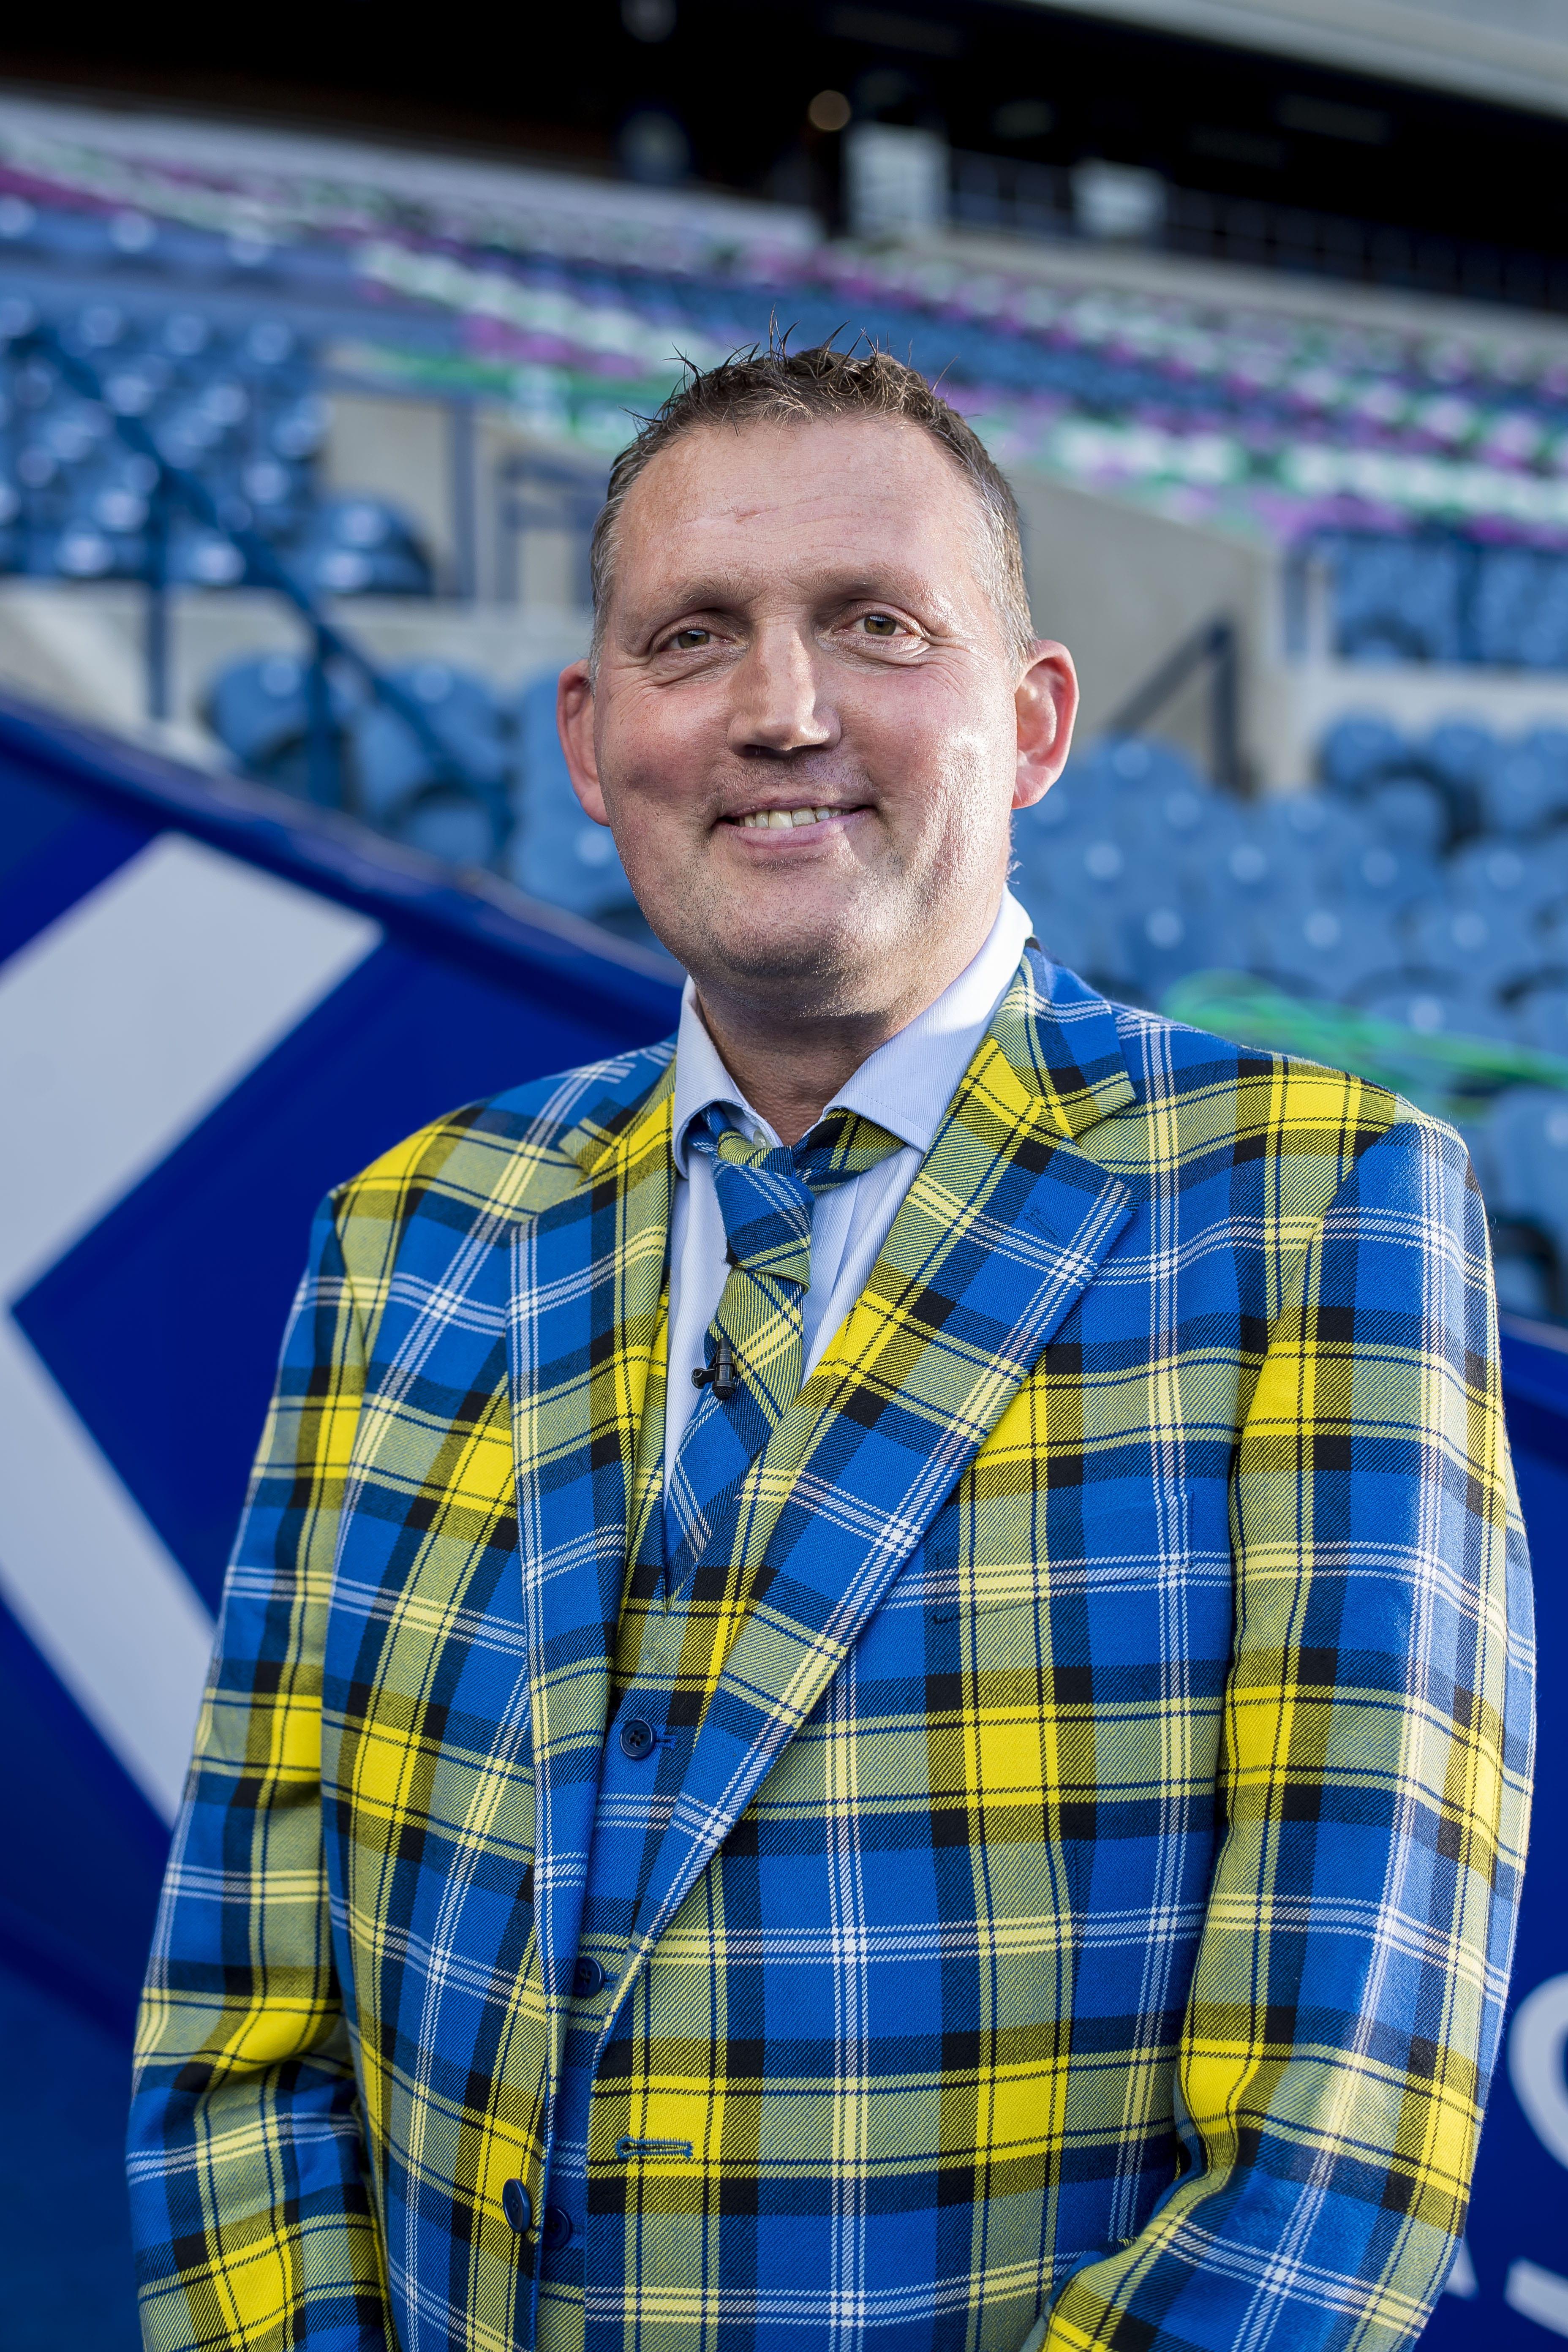 Doddie Weir OBE